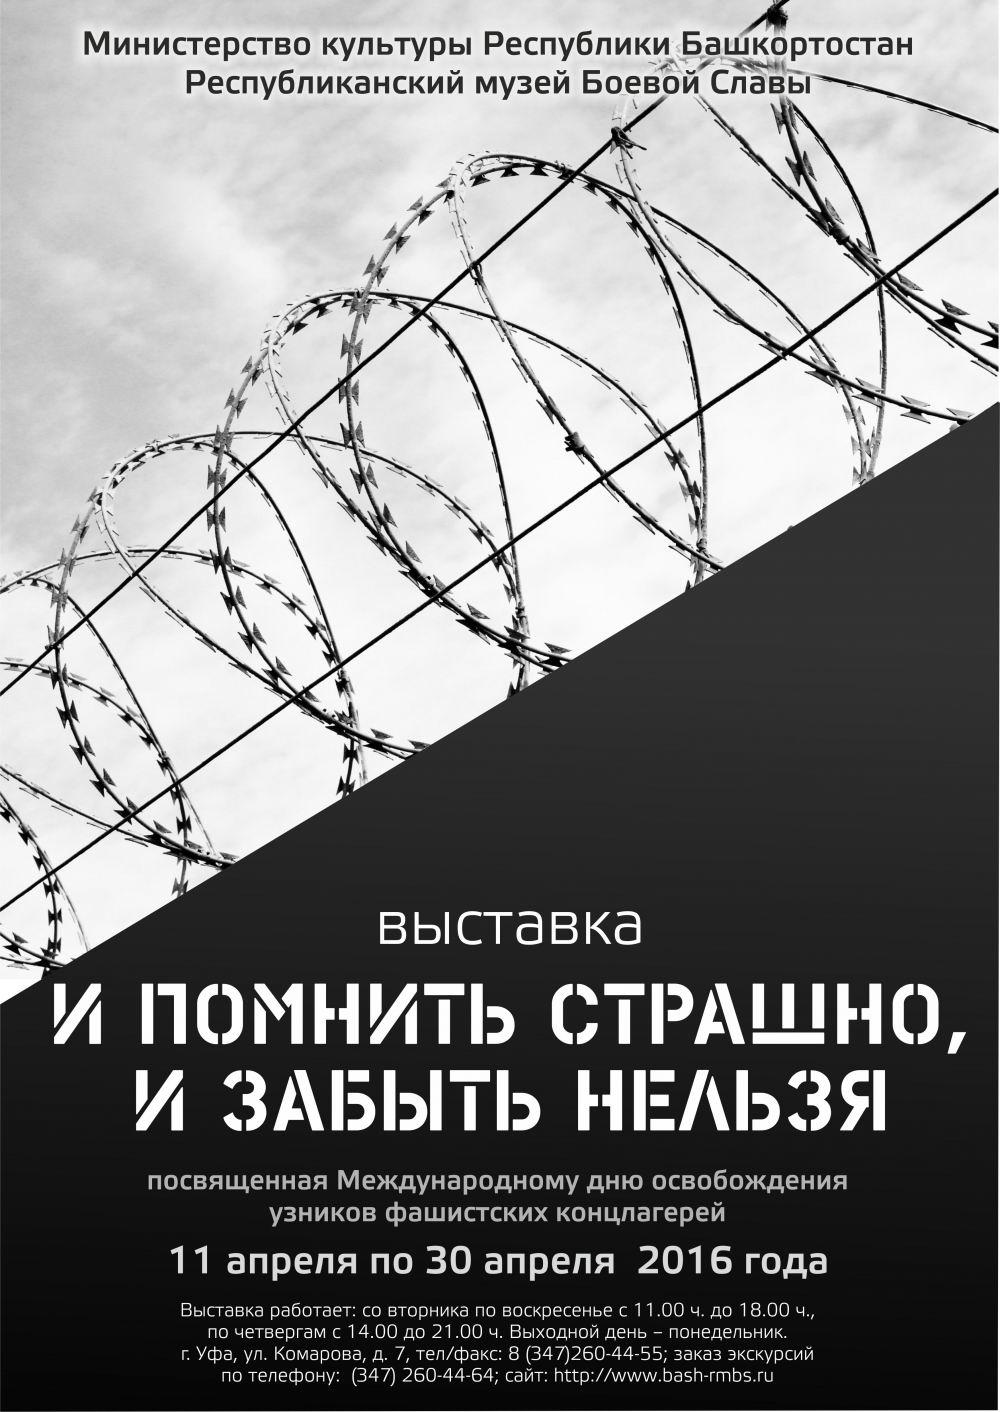 Выставка «И помнить страшно, изабыть нельзя»